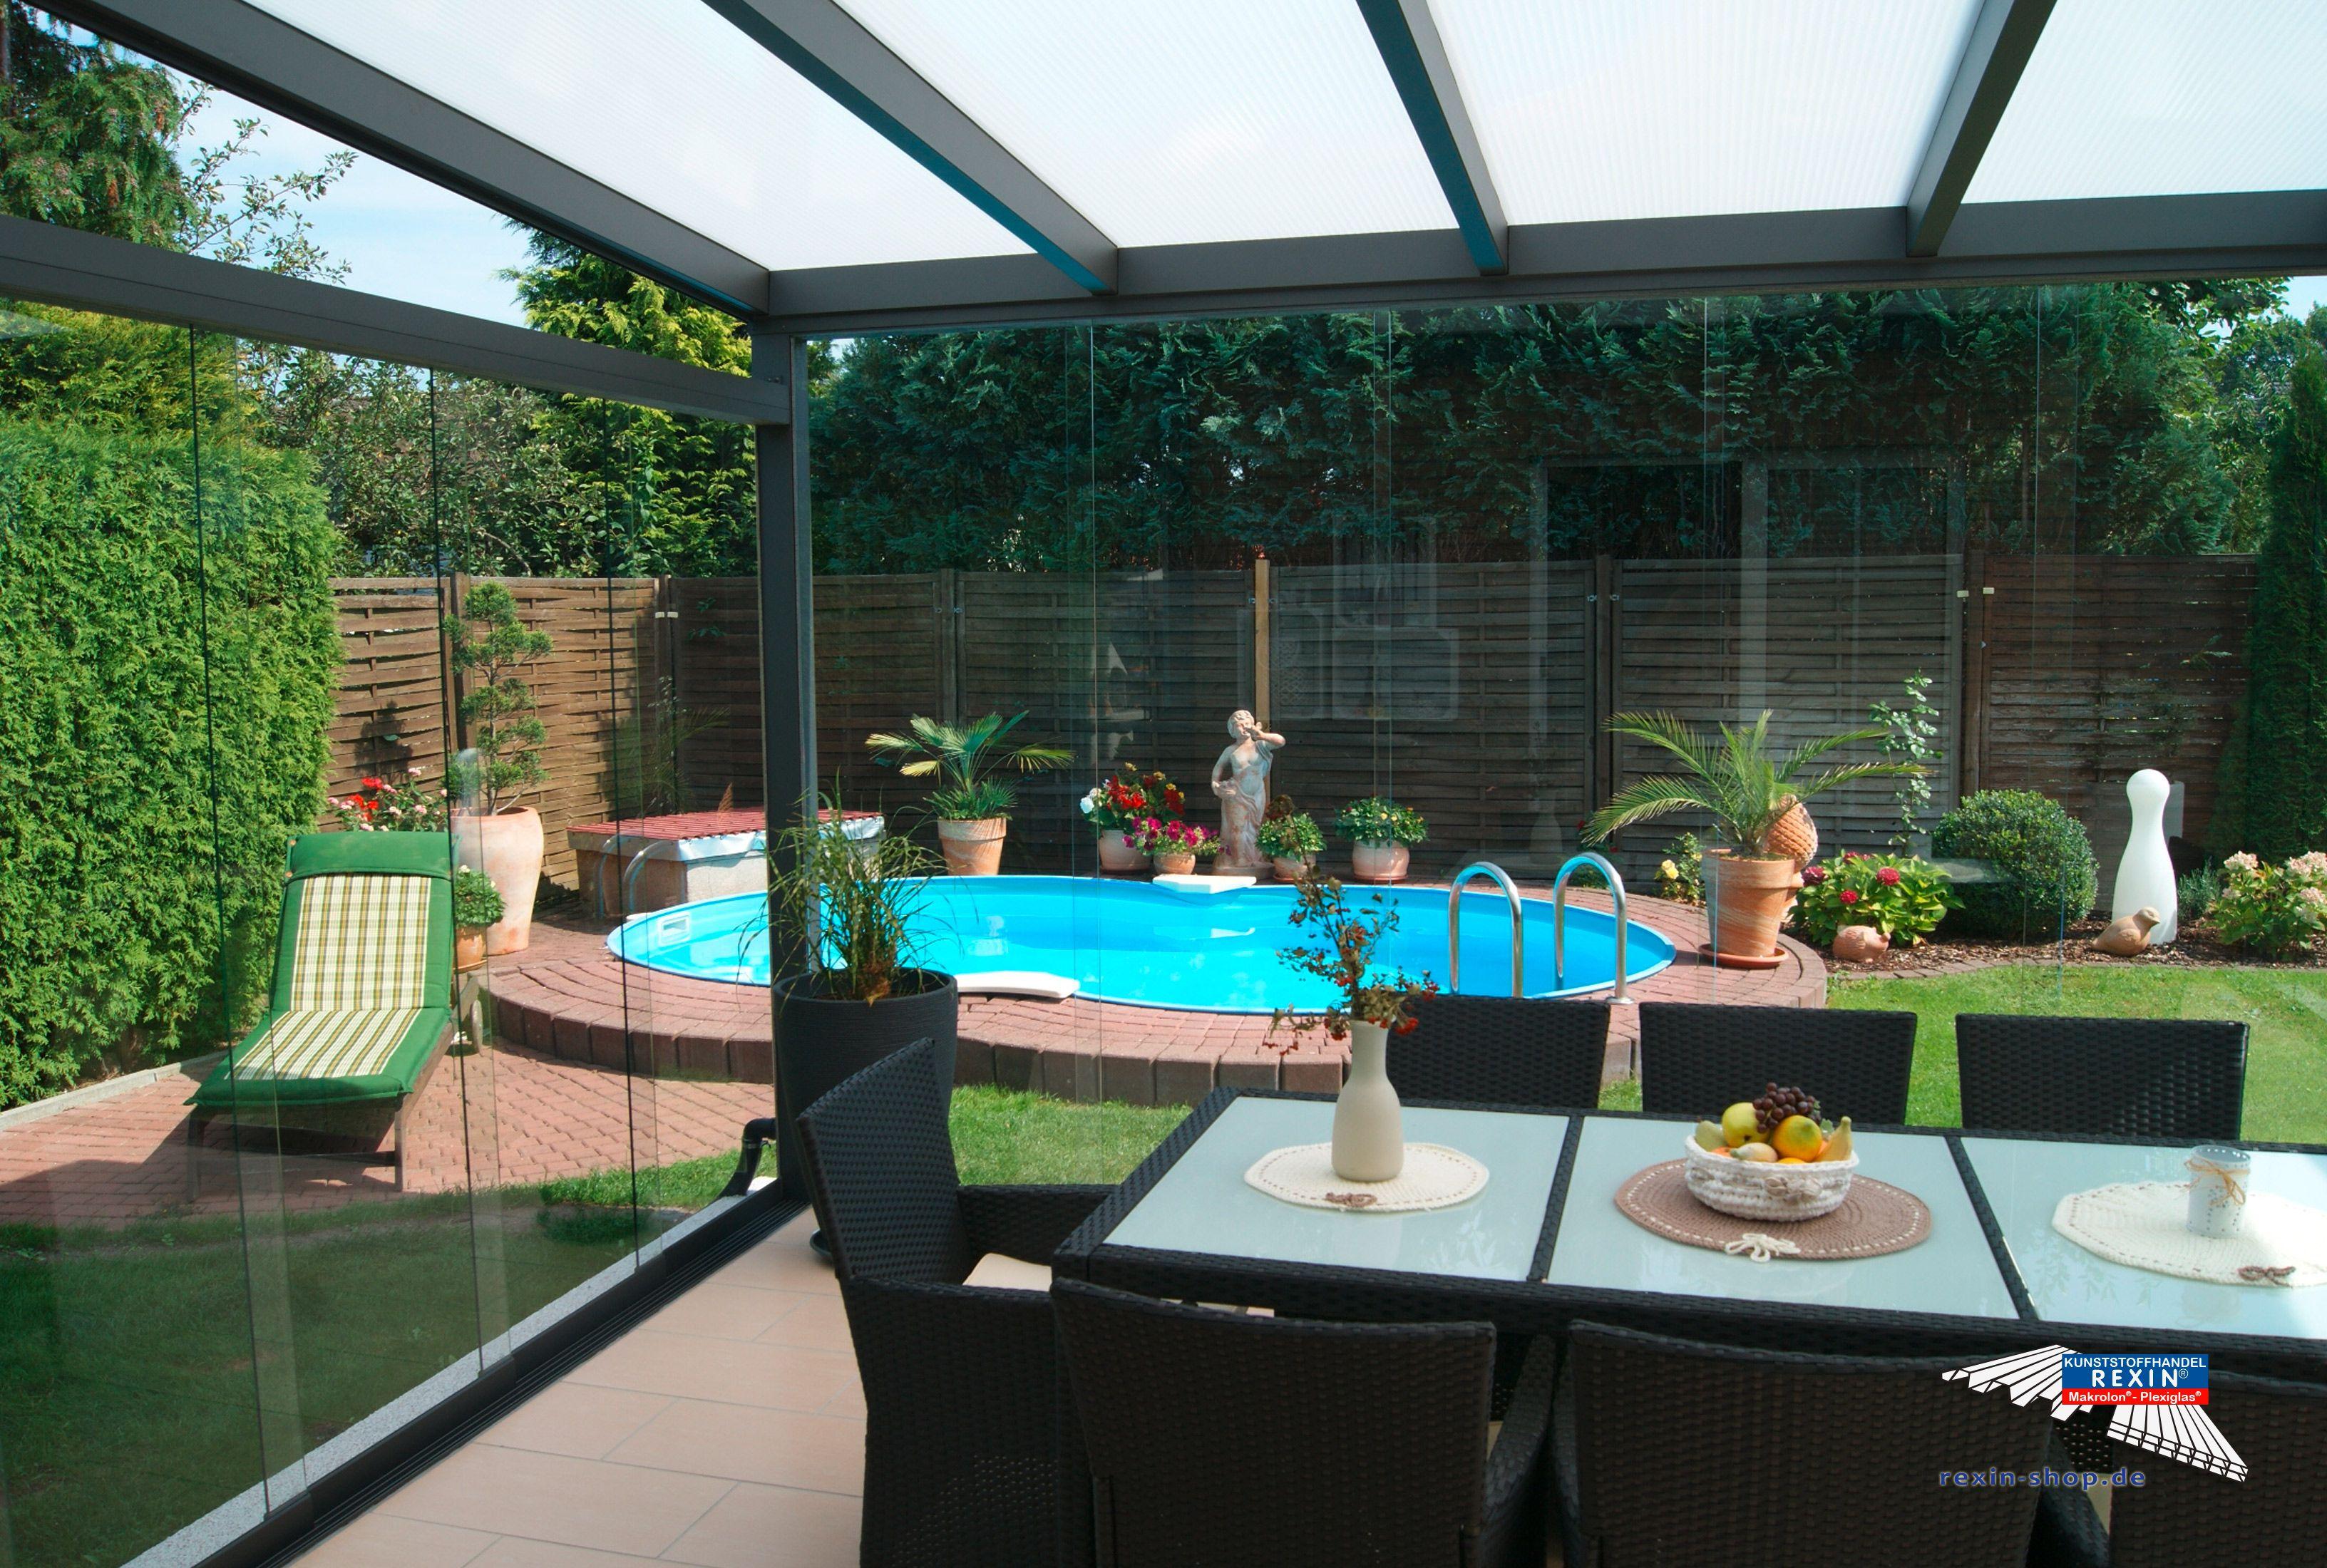 ein alu terrassendach der marke rexopremium 4 8m x 4m in anthrazit mit rexoclear stegplatten in. Black Bedroom Furniture Sets. Home Design Ideas